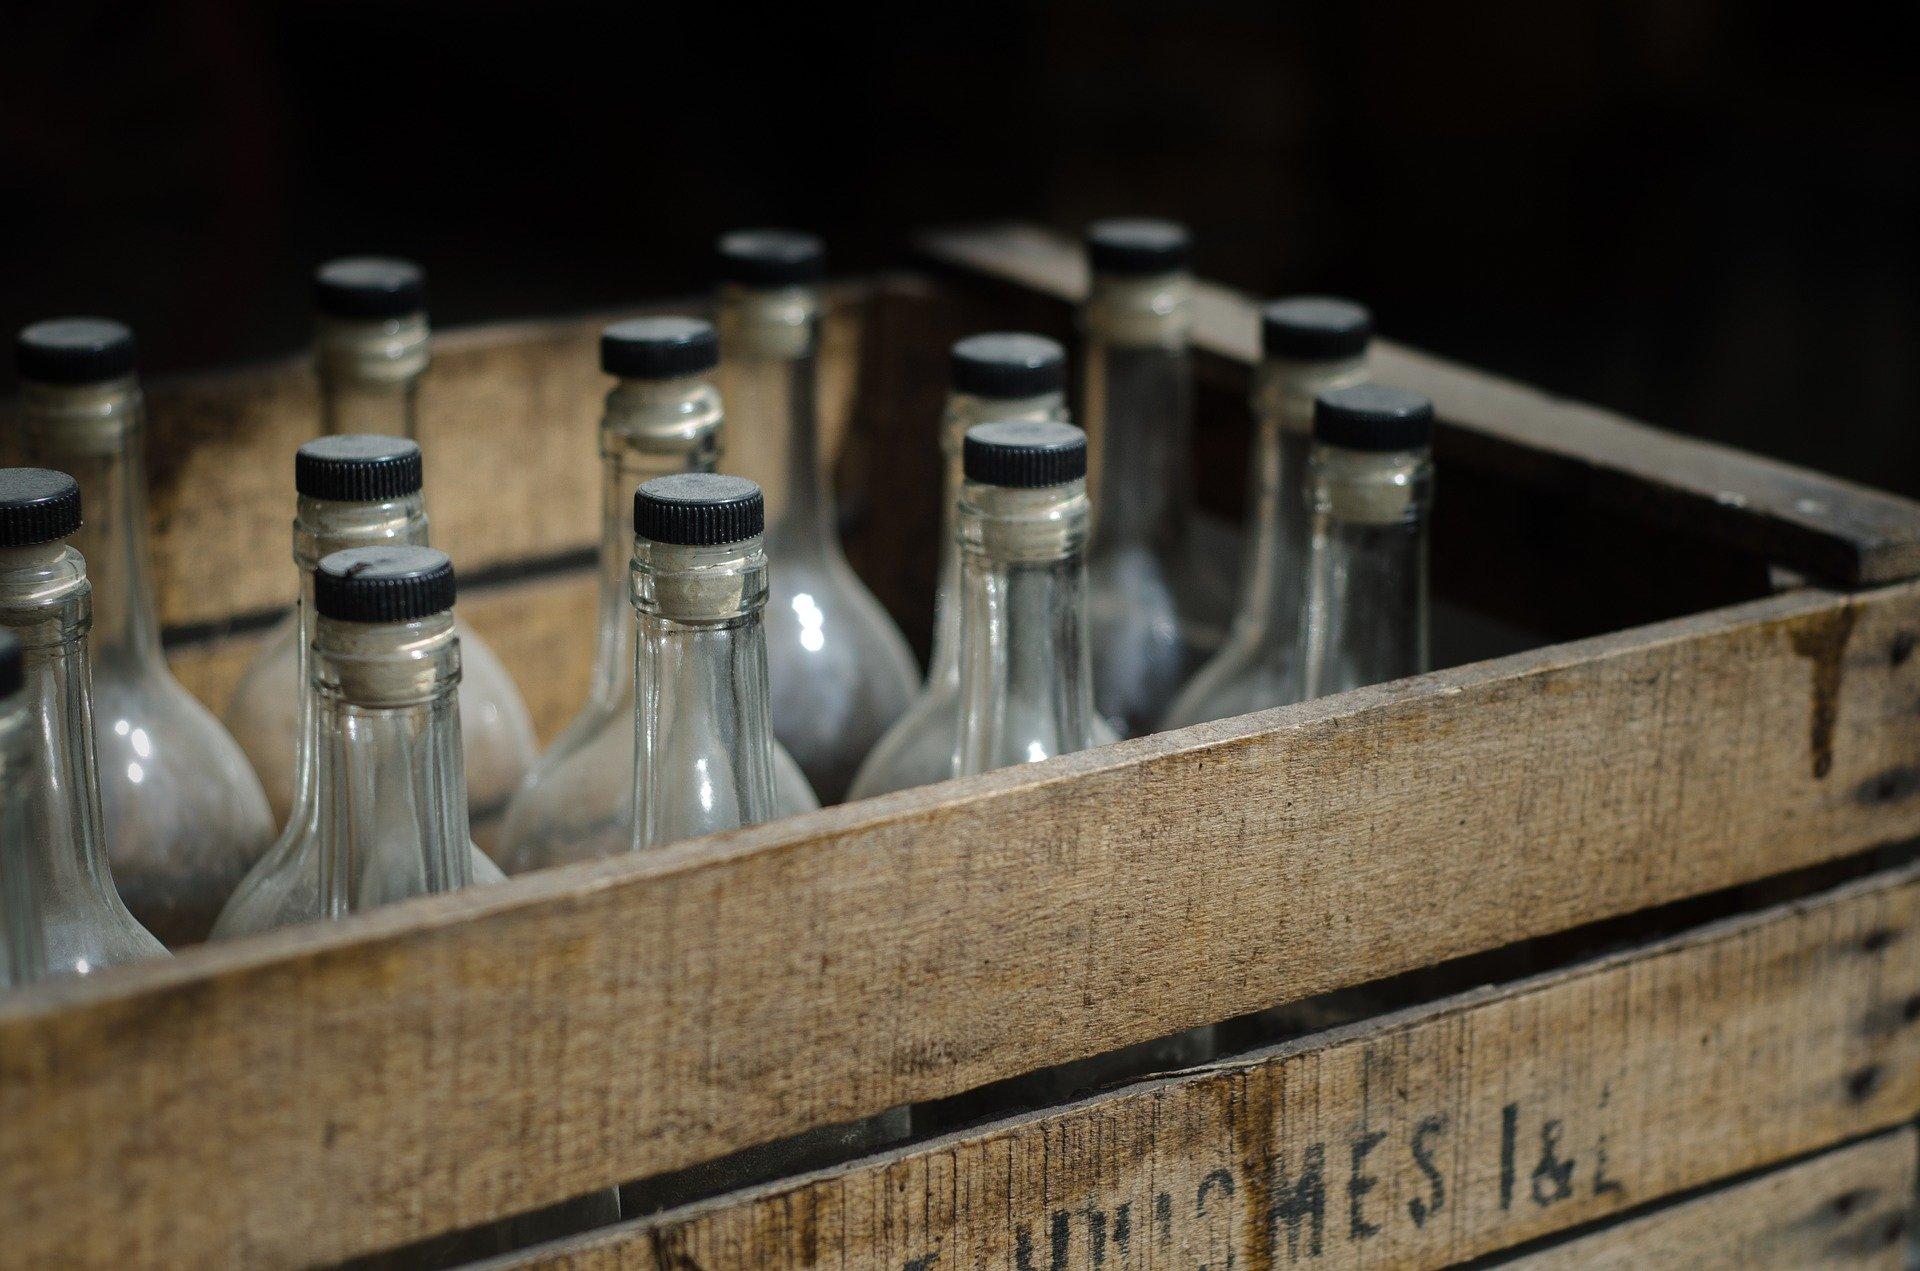 В Кузбассе у предпринимателя изъяли 30 000 бутылок алкоголя с ацетоном